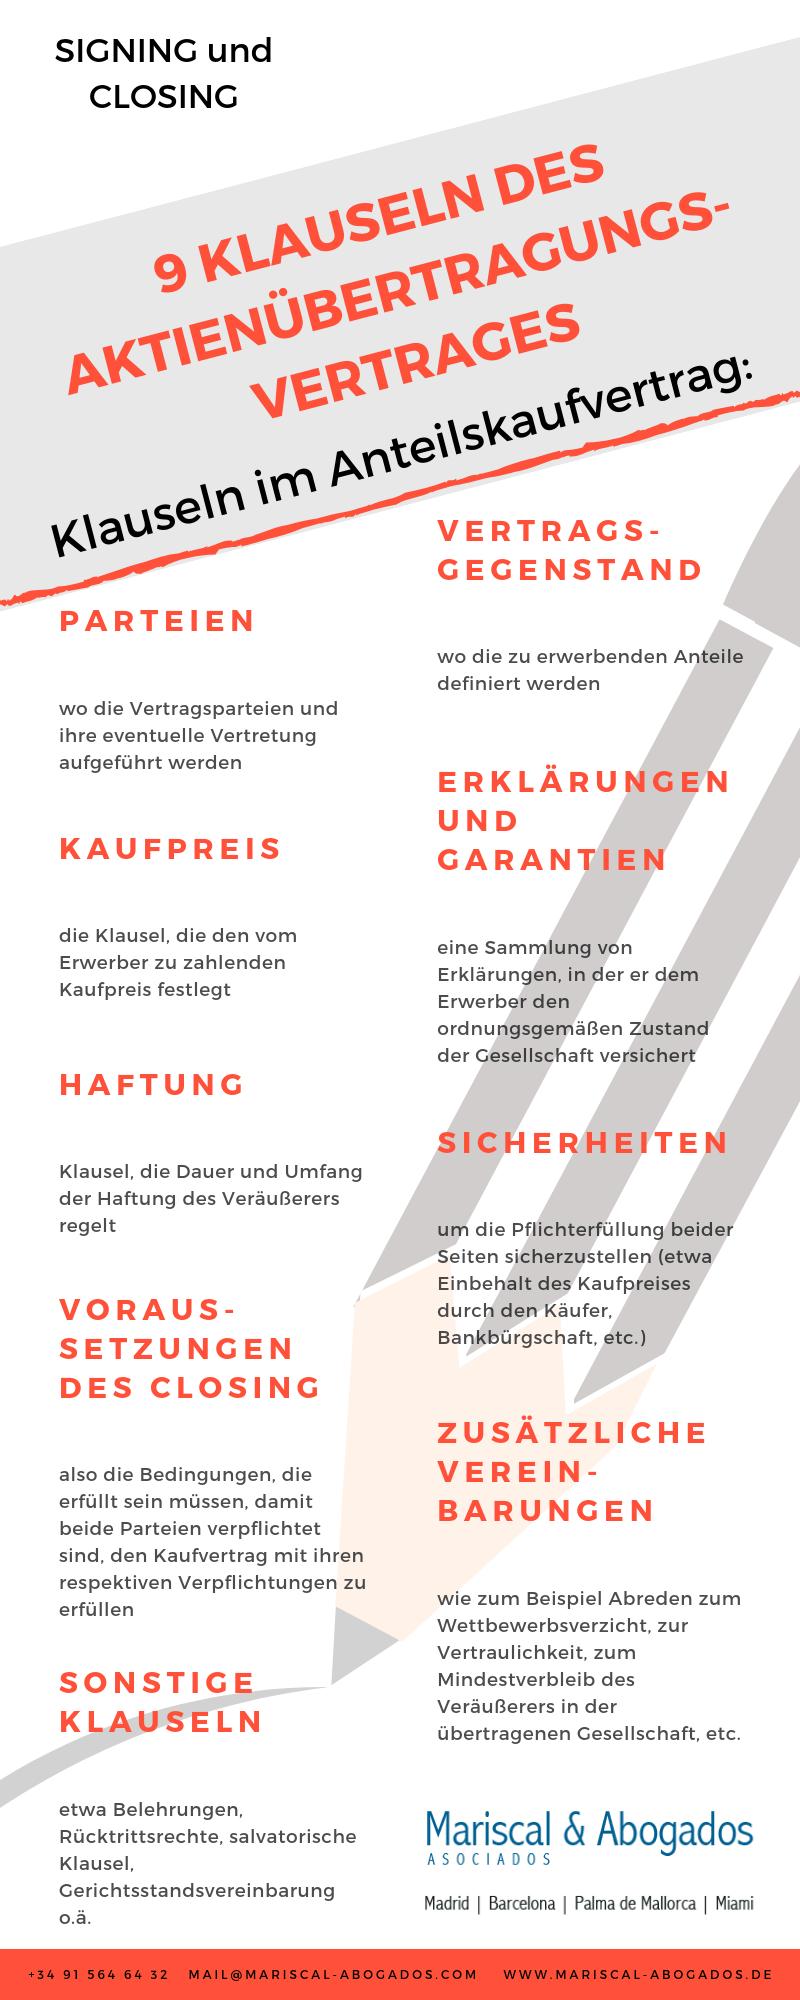 09 2018 Der Kaufvertrag von Gesellschaftsanteilen_ Signing und Closing